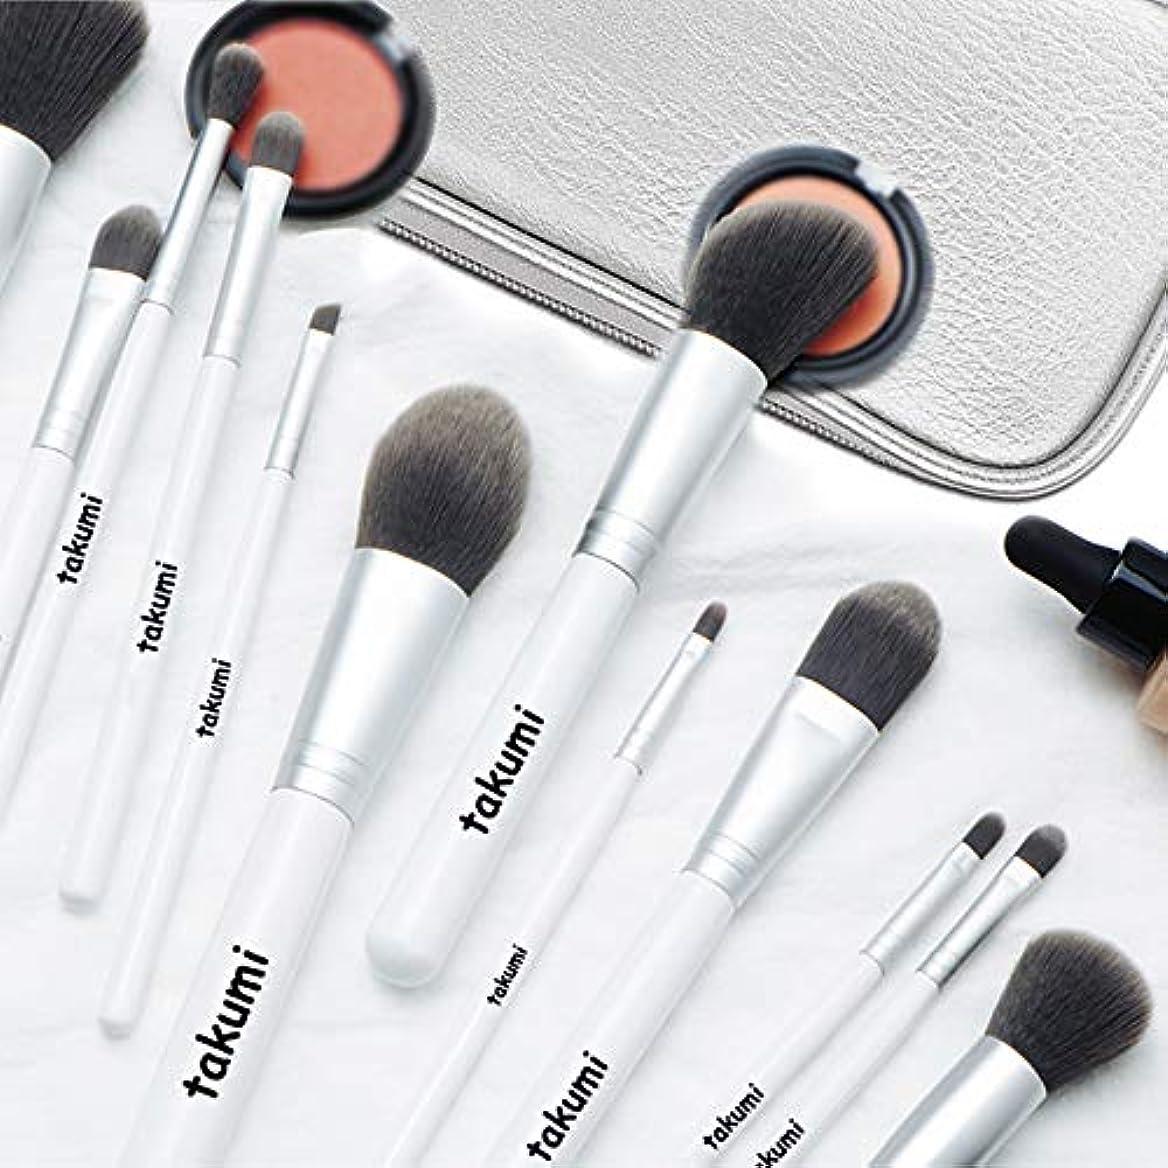 公いつでも漂流メイクブラシ12本セット 超柔らかい 化粧筆 ブラシ 専用化粧ポーチ付き 携帯便利